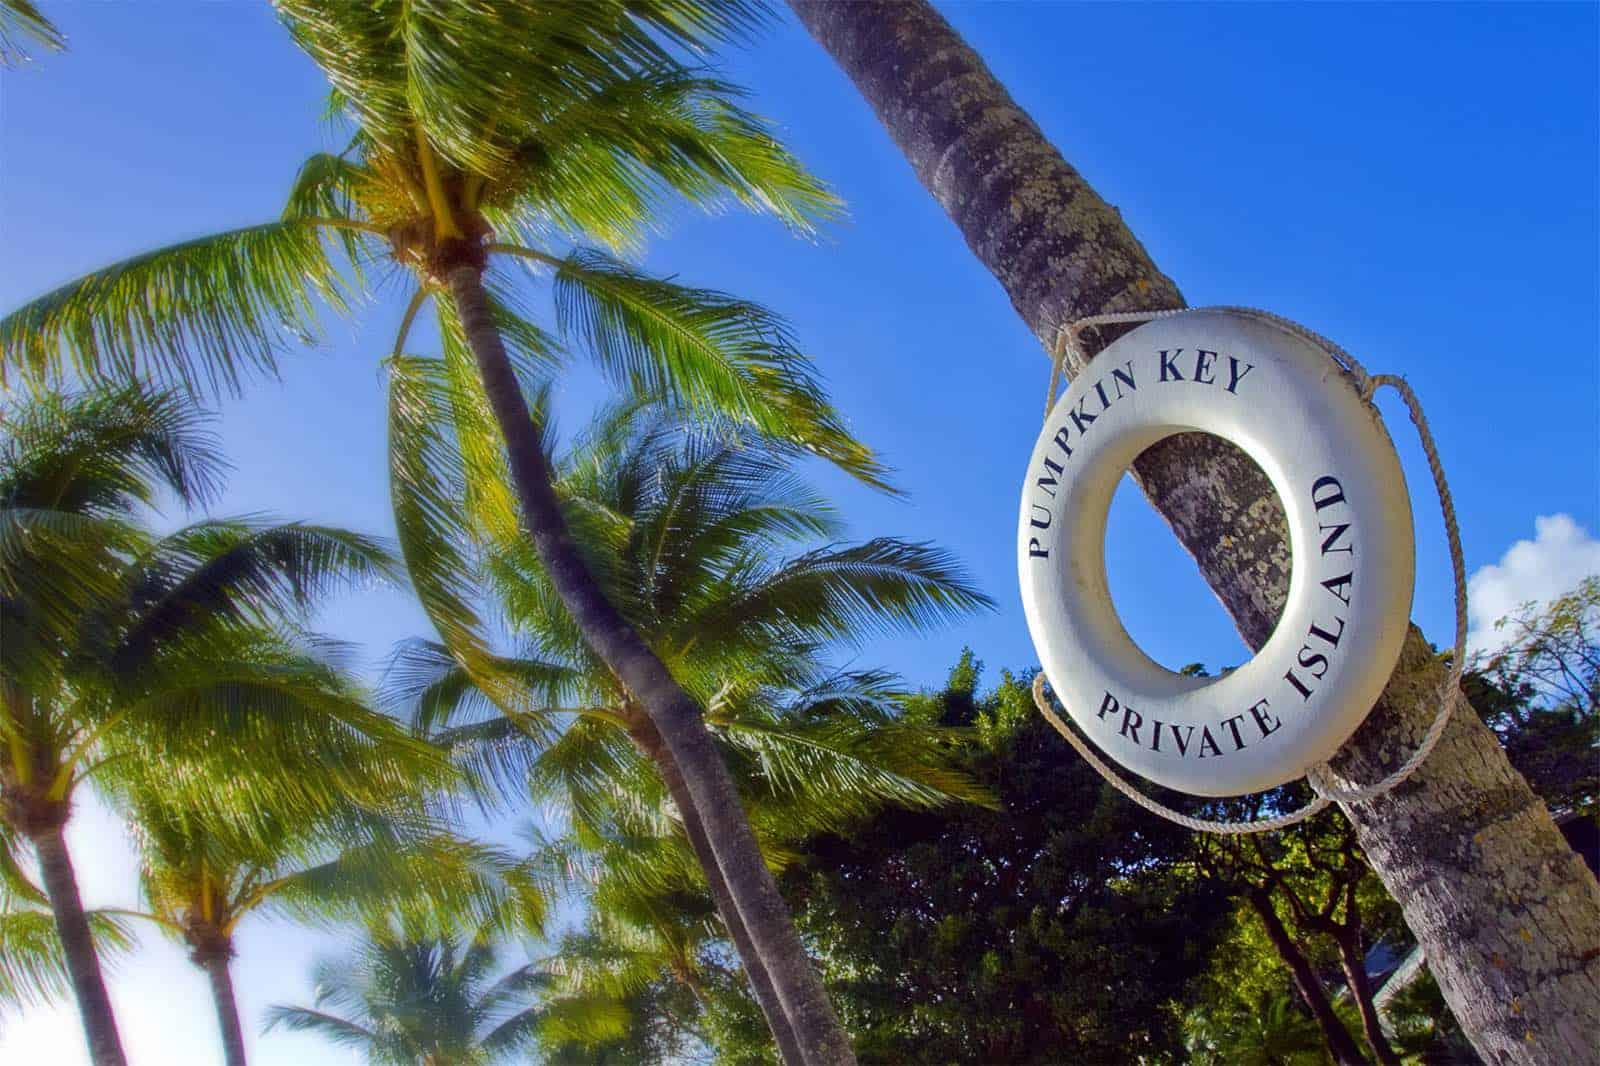 Pumpkin Key: Ultra exclusiva isla privada de 26 acres en los Cayos de la Florida a la venta